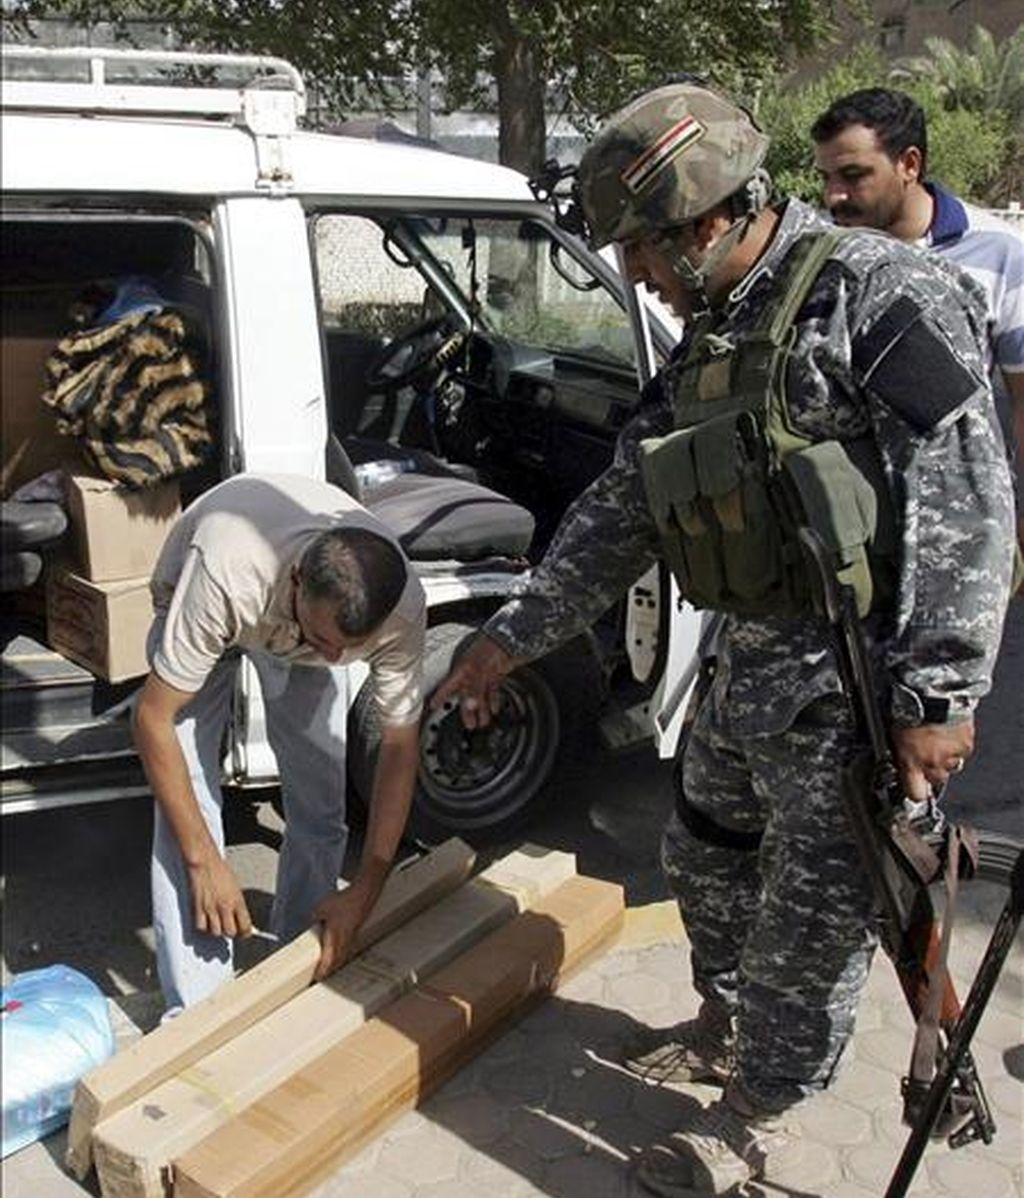 Un policía iraquí inspecciona hoy la mercancia de un vehículo en un punto de control del centro de Bagdad, Irak. EFE